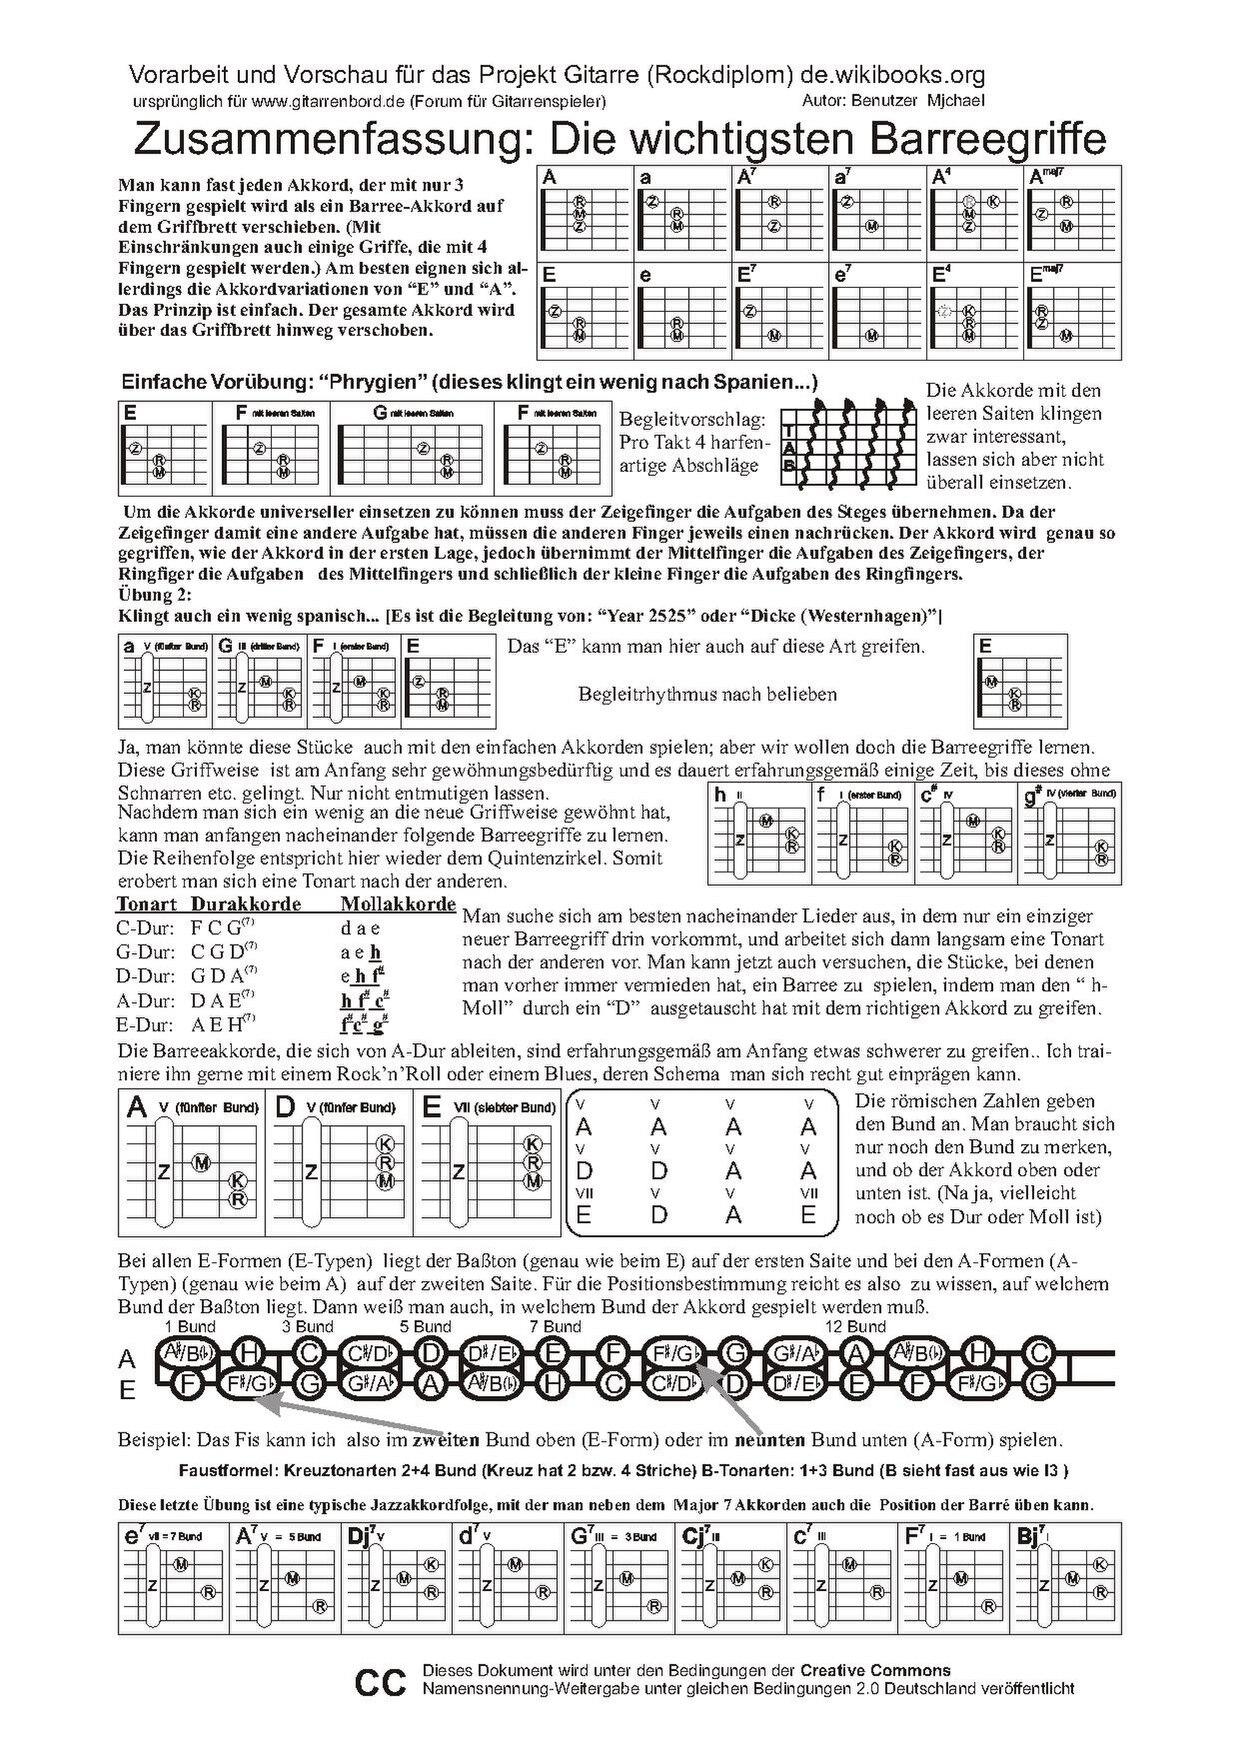 Dateizusammenfassung Barreeakkordepdf Wikibooks Sammlung Freier